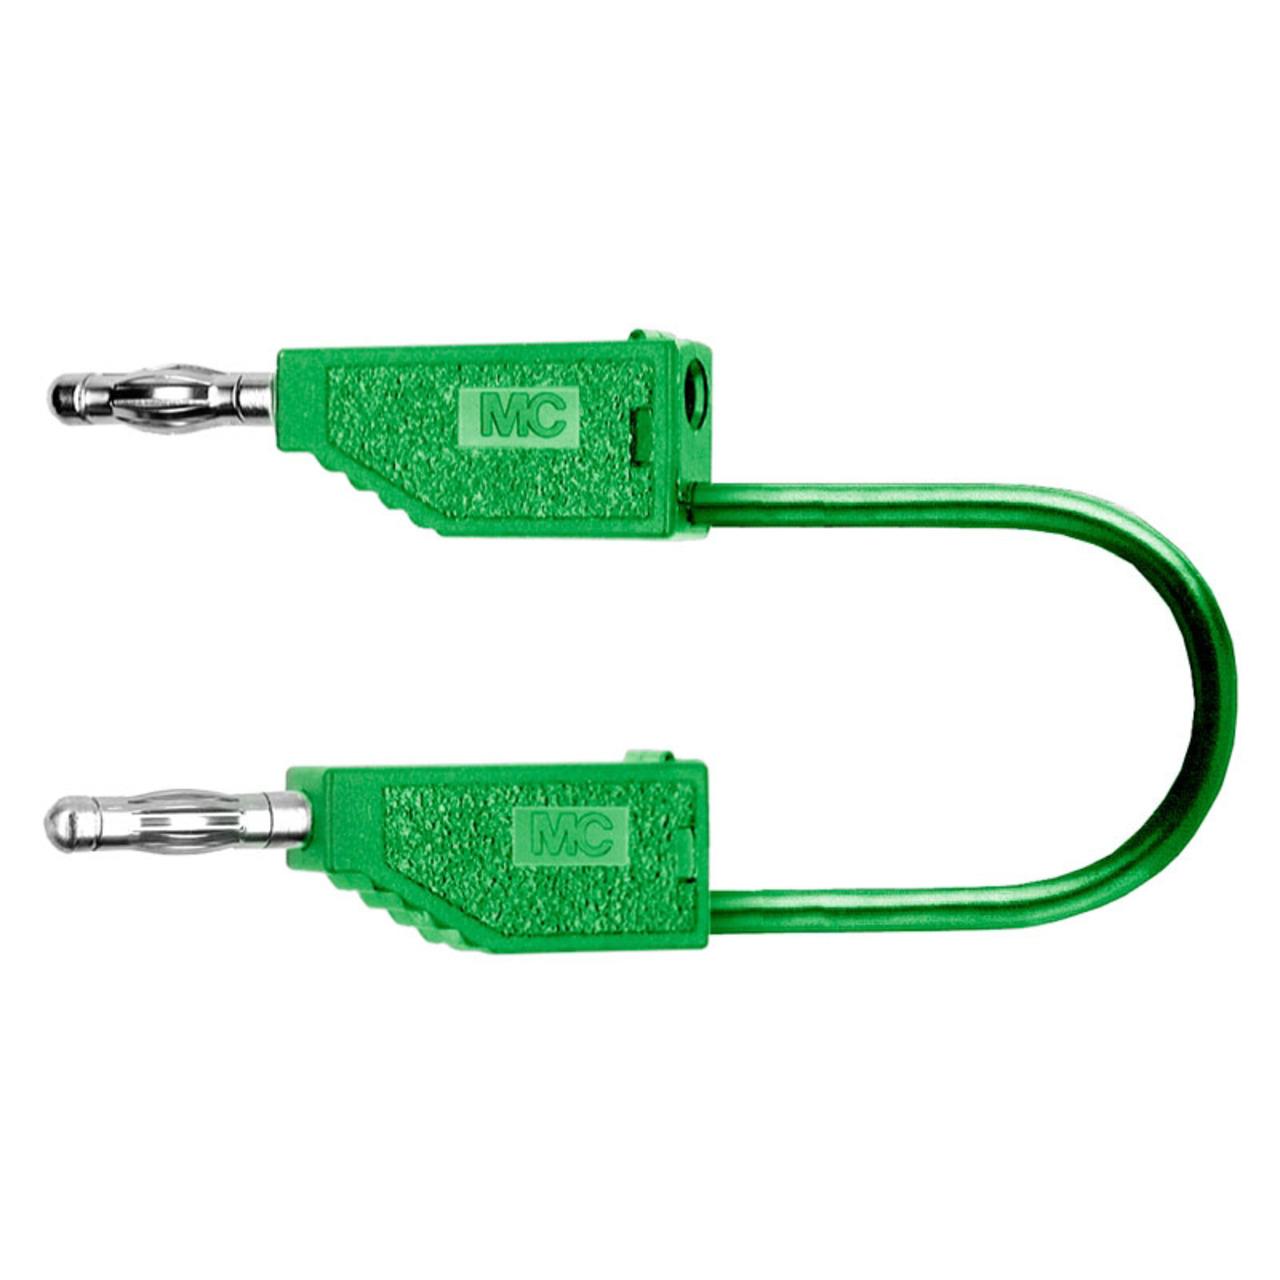 PVC-Verbindungsleitungen 32A- 2m- grün- 4 mm